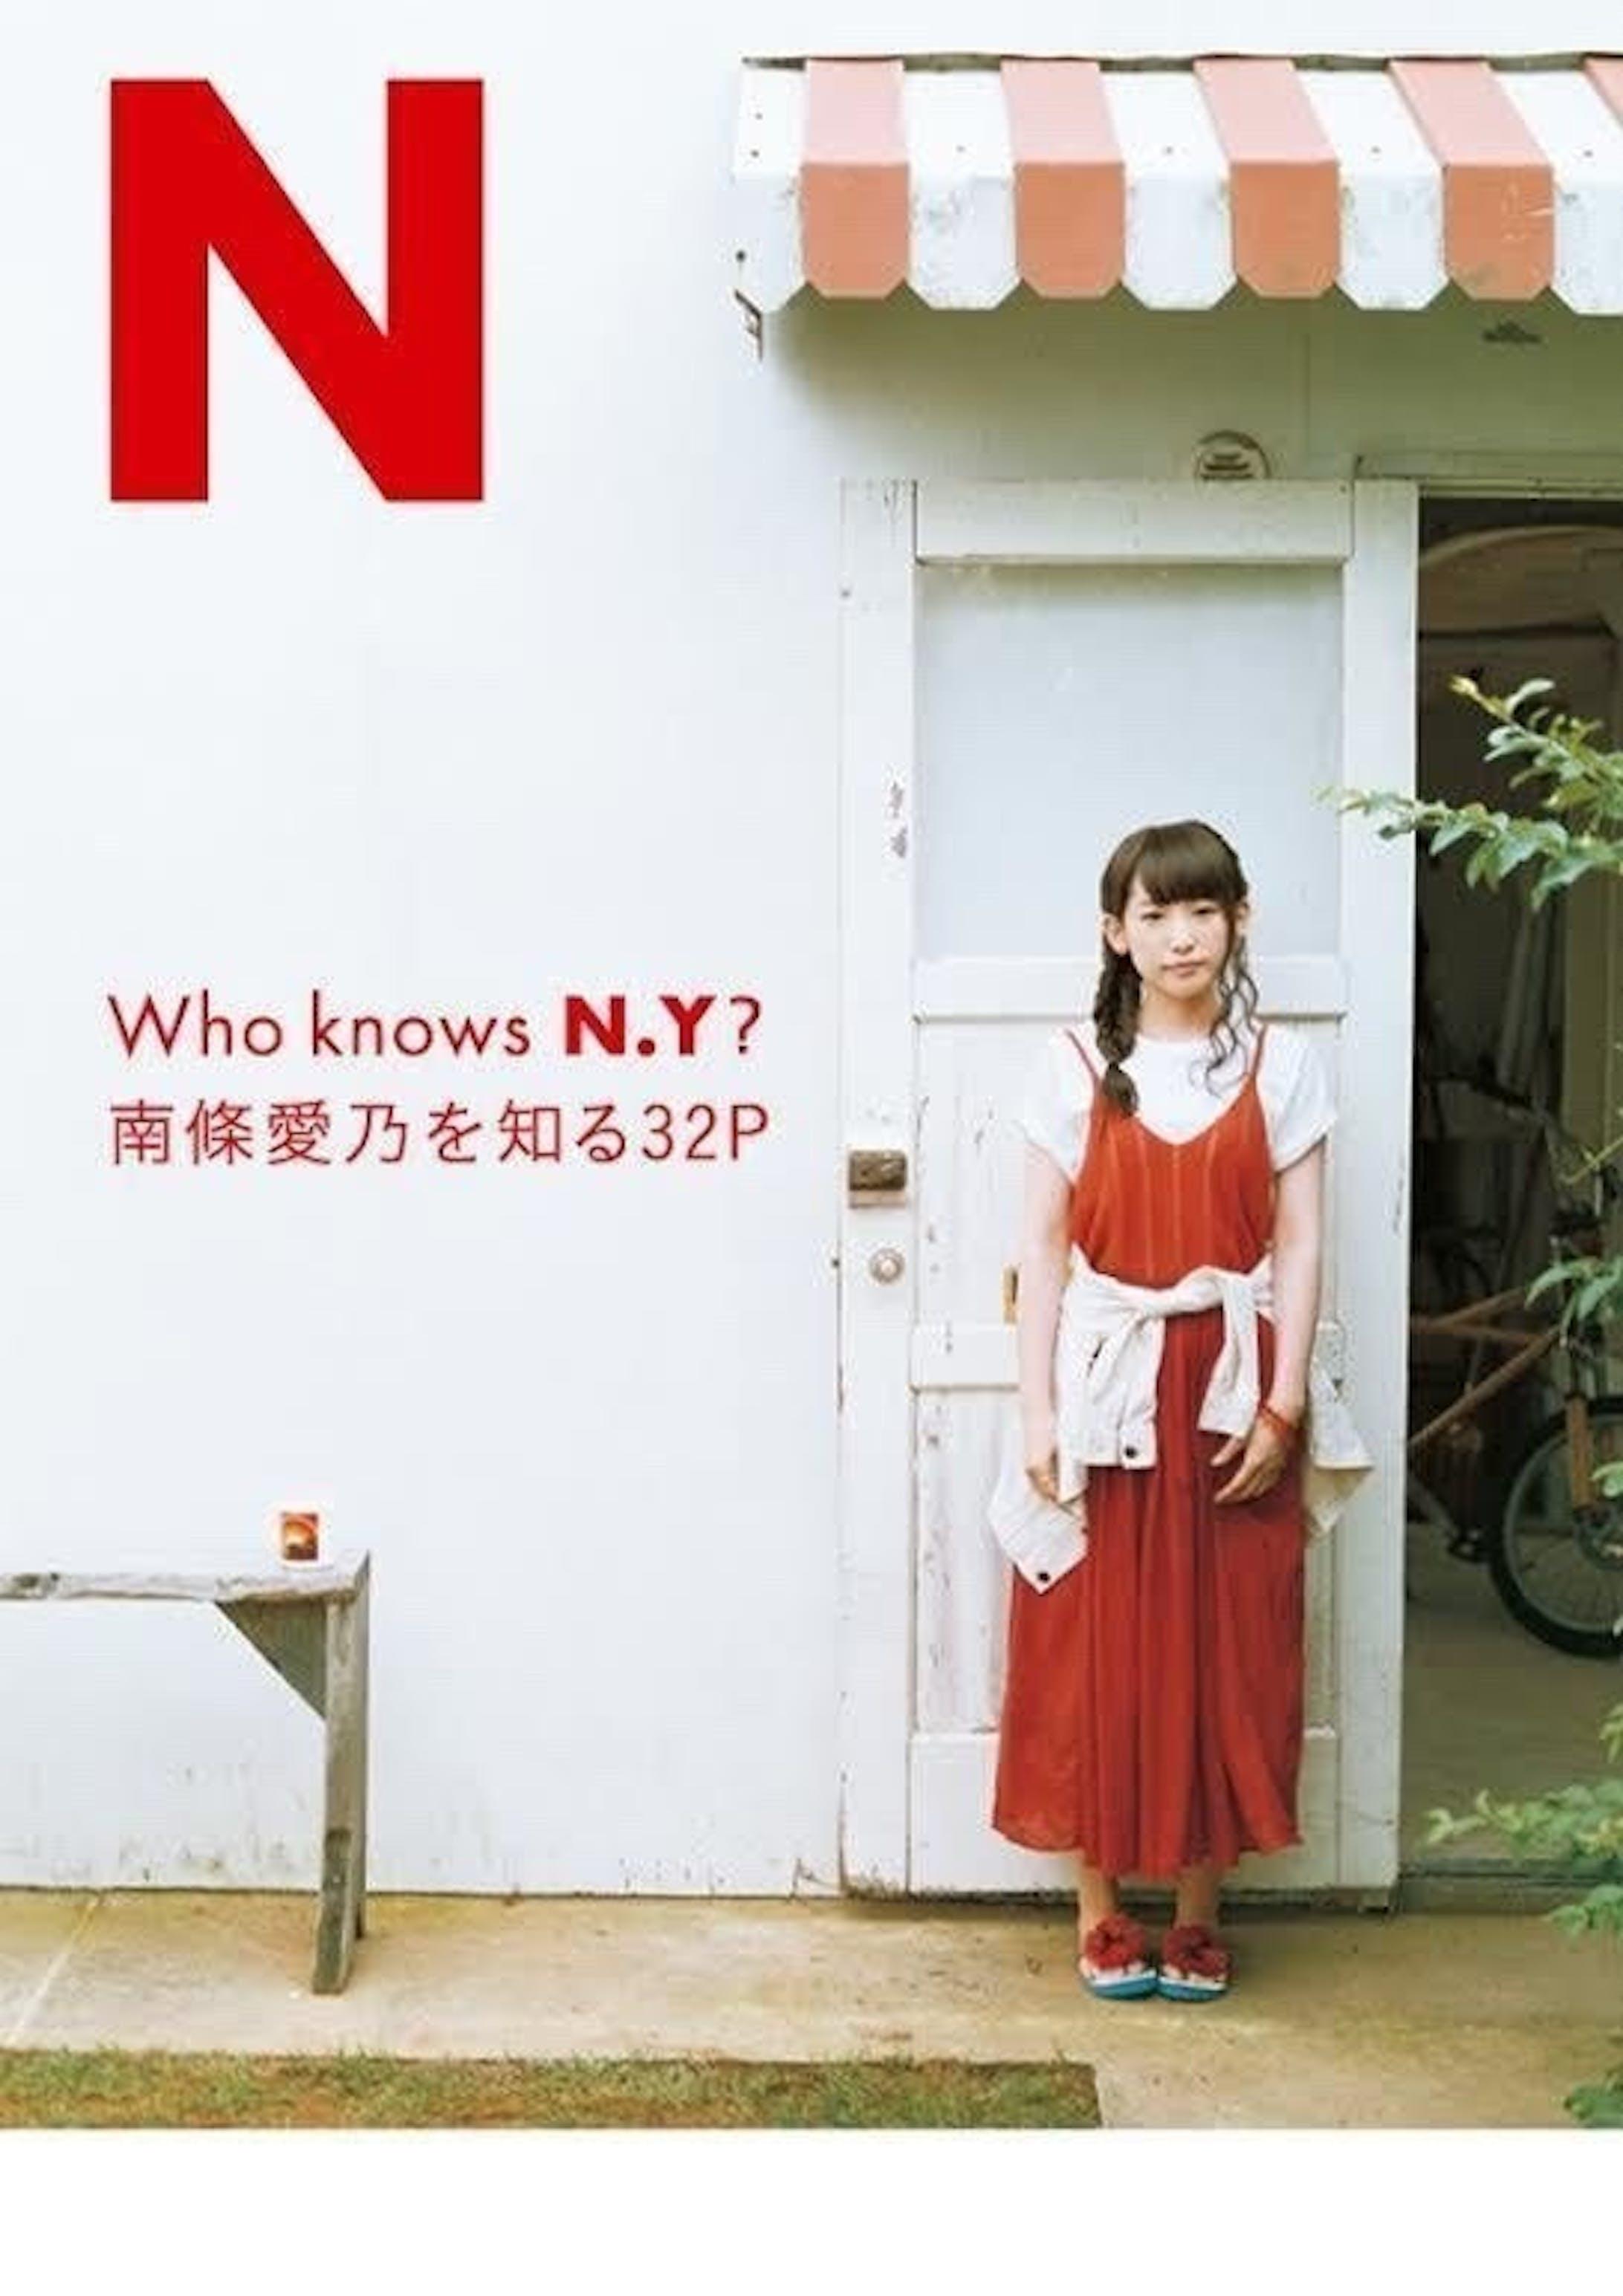 ロッキング・オン・ジャパン H「南條愛乃」-1